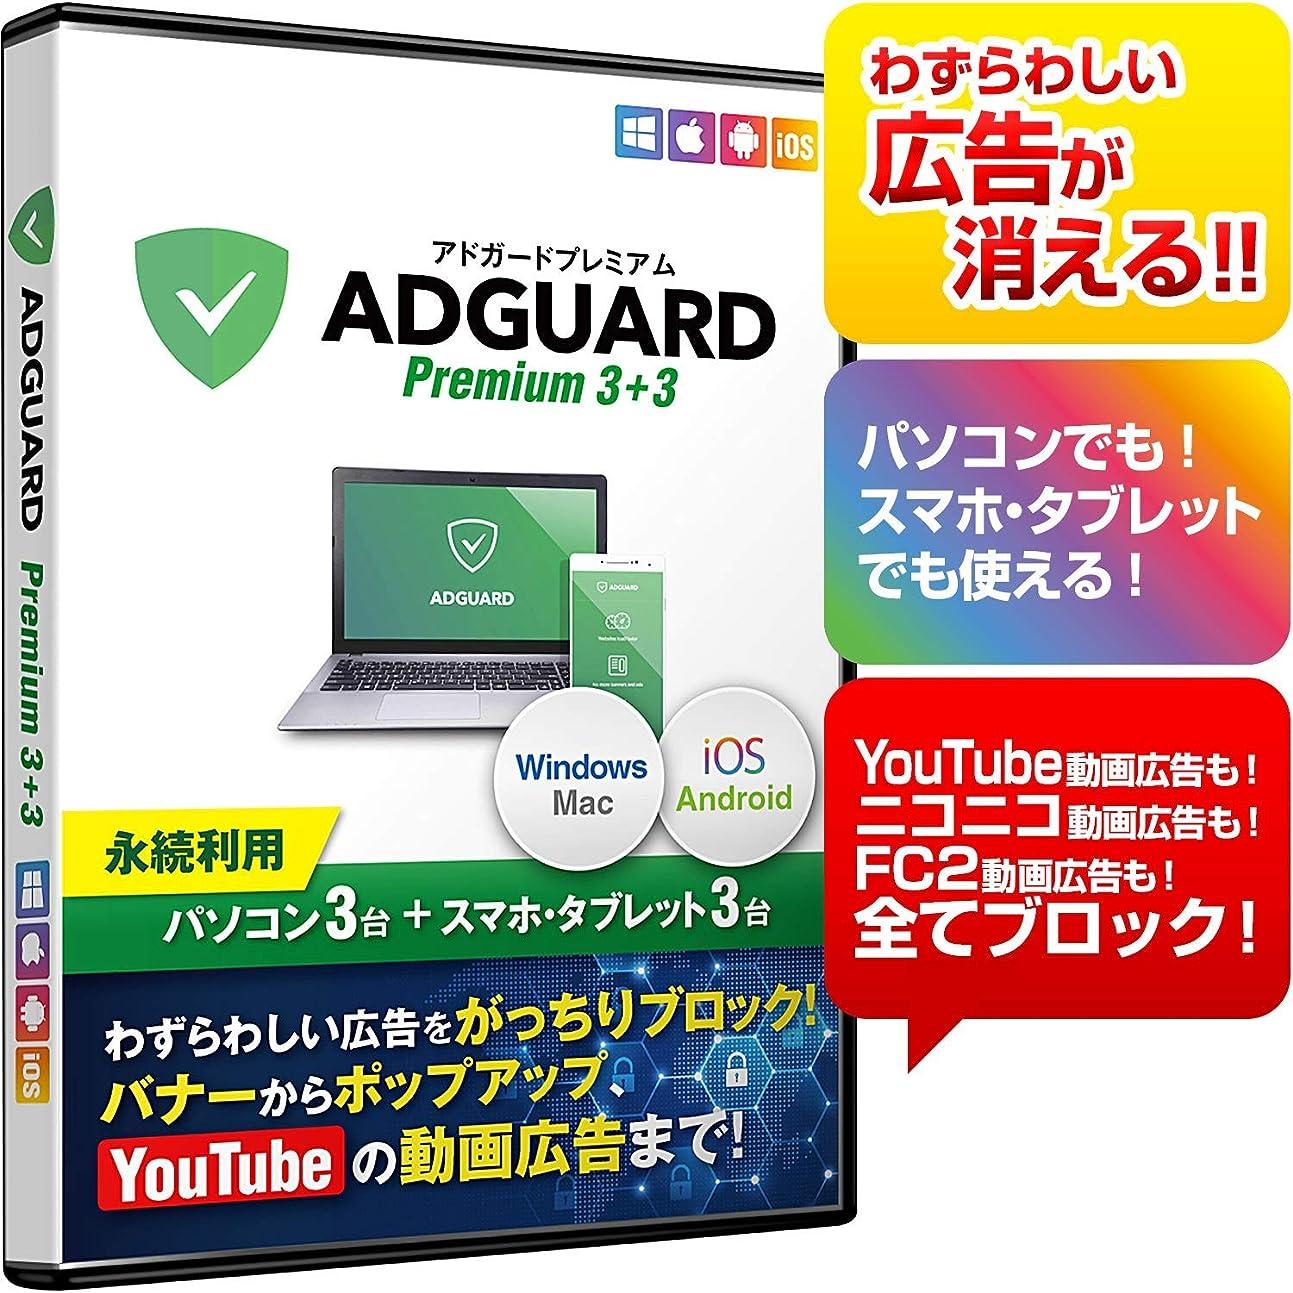 装備する航空避難する広告 ブロック バナー広告 YouTube ユーチューブ 動画広告 スマホ タブレット パソコン AdGuard(アドガード)Premium 3+3【永続ライセンス版】